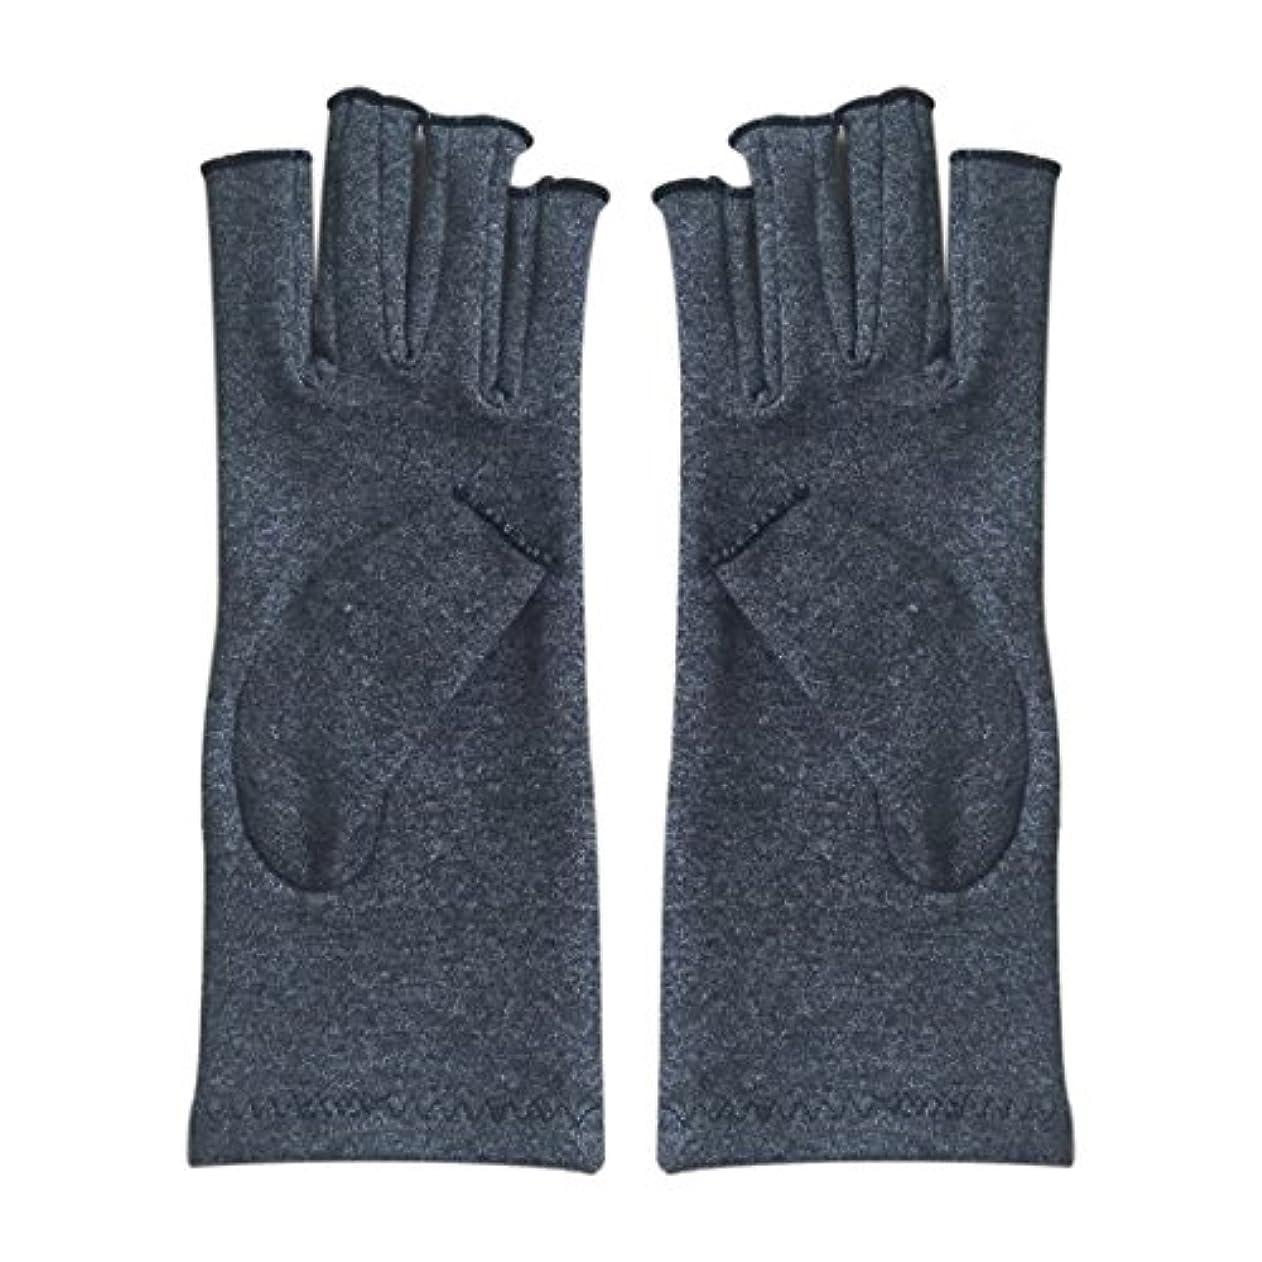 巨大なトレイル破壊的TOOGOO ペア 弾性コットン製の手袋 関節式手袋 灰色 M